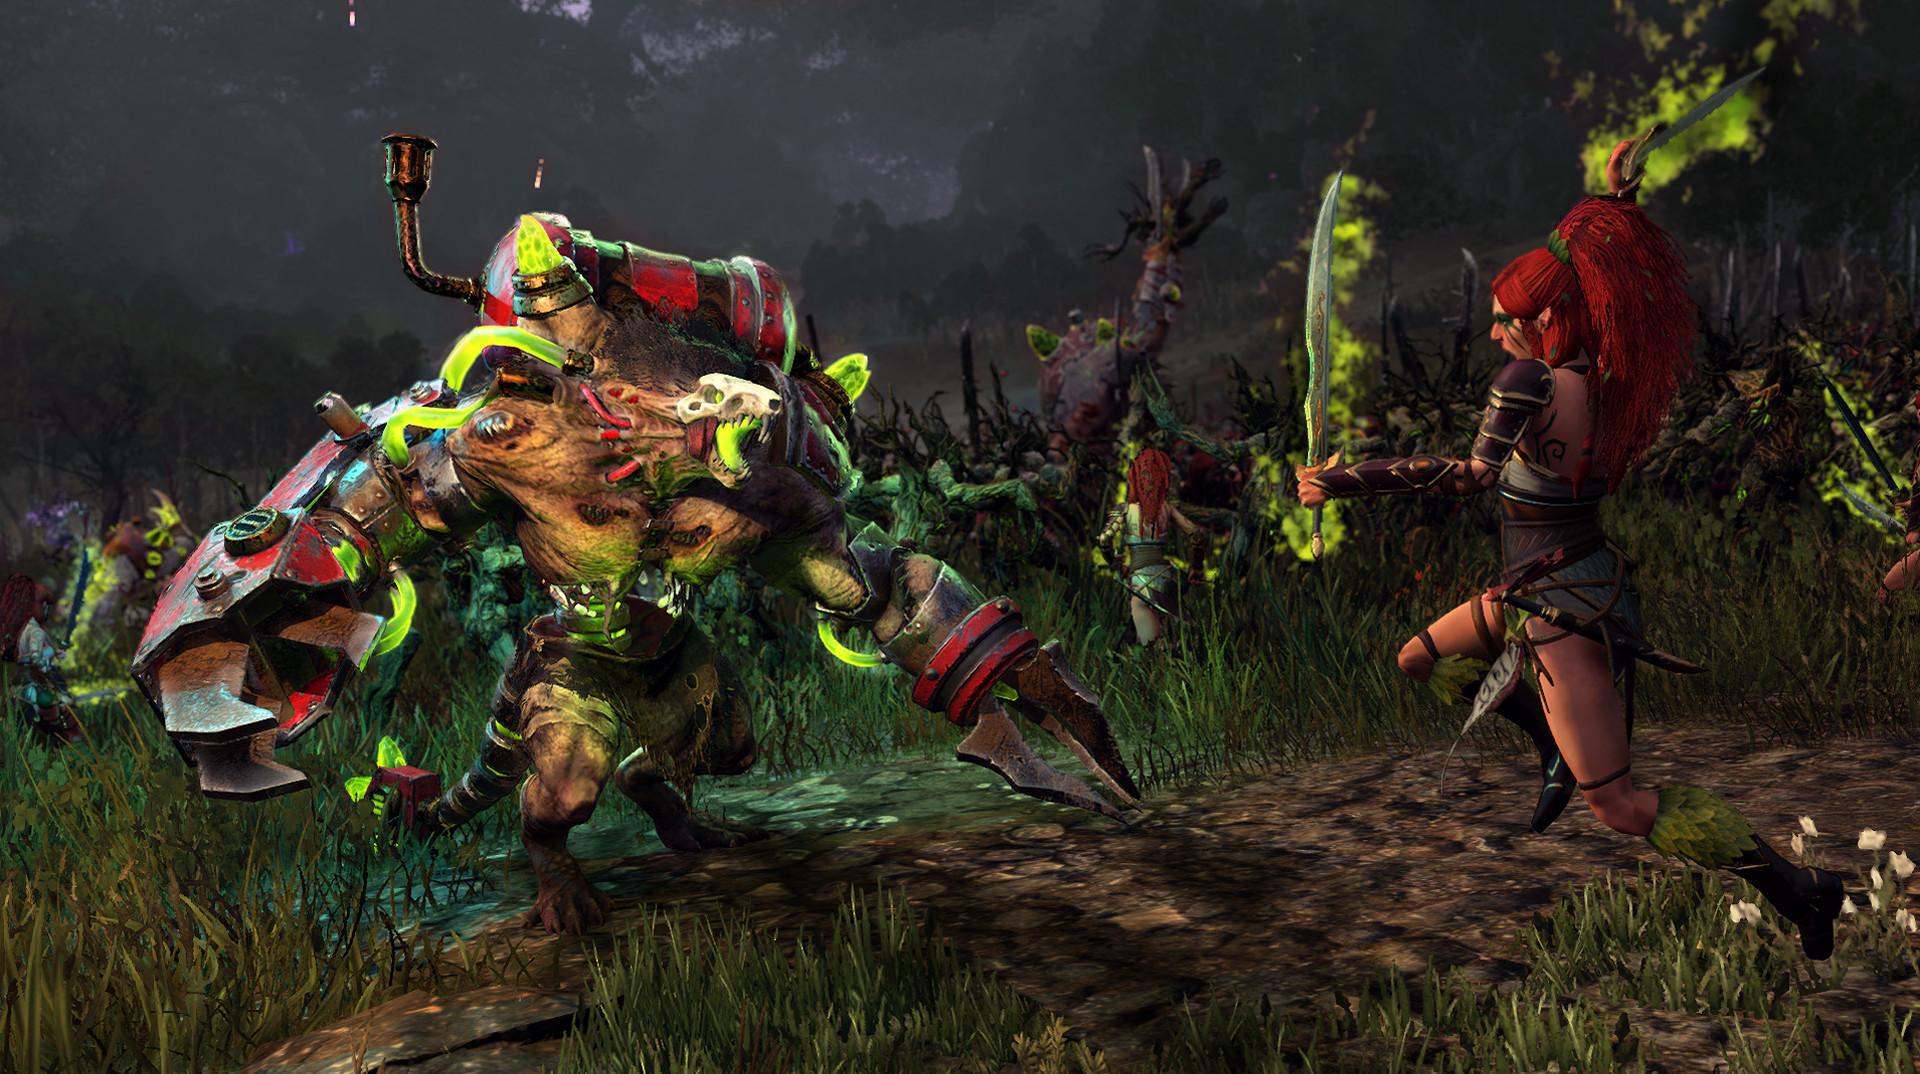 《全面战争:战锤2》新DLC上架Steam 参加强力新领主